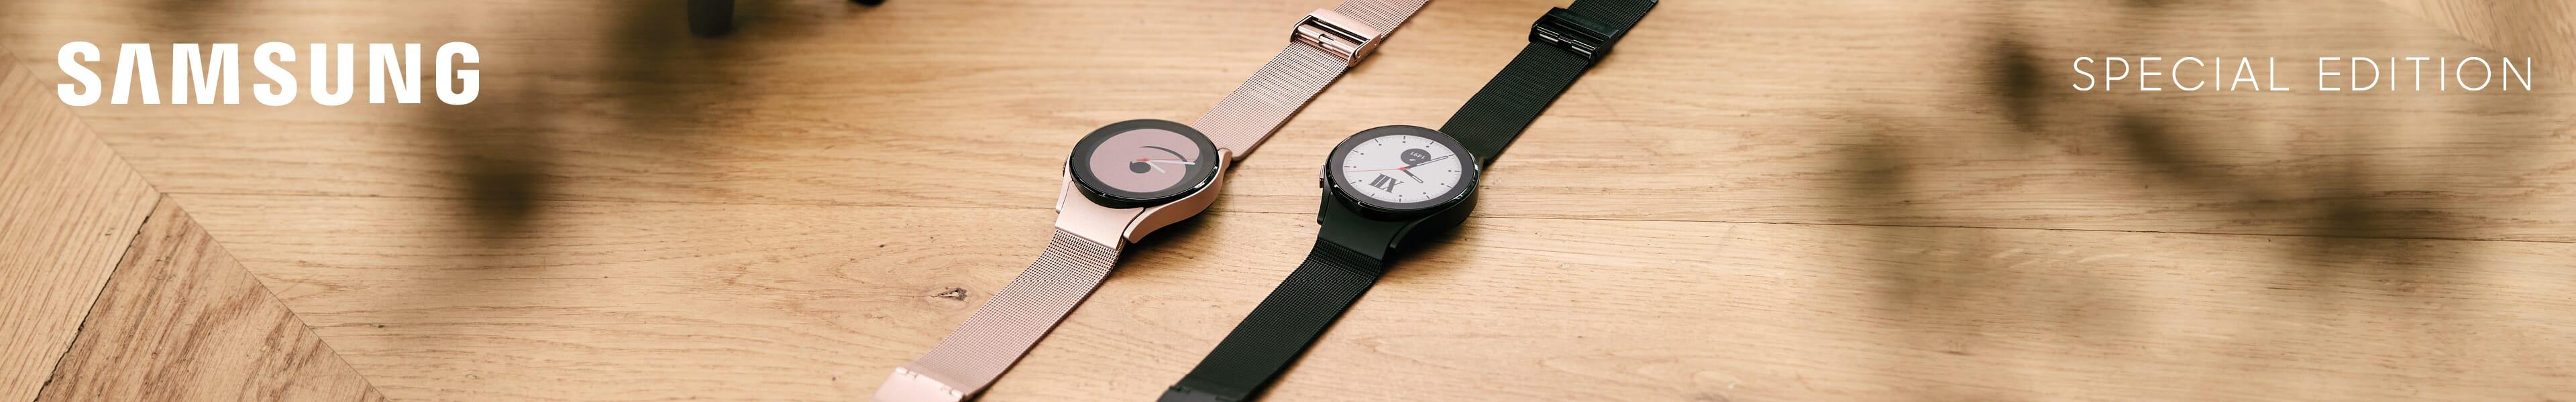 Samsung Smartwatches